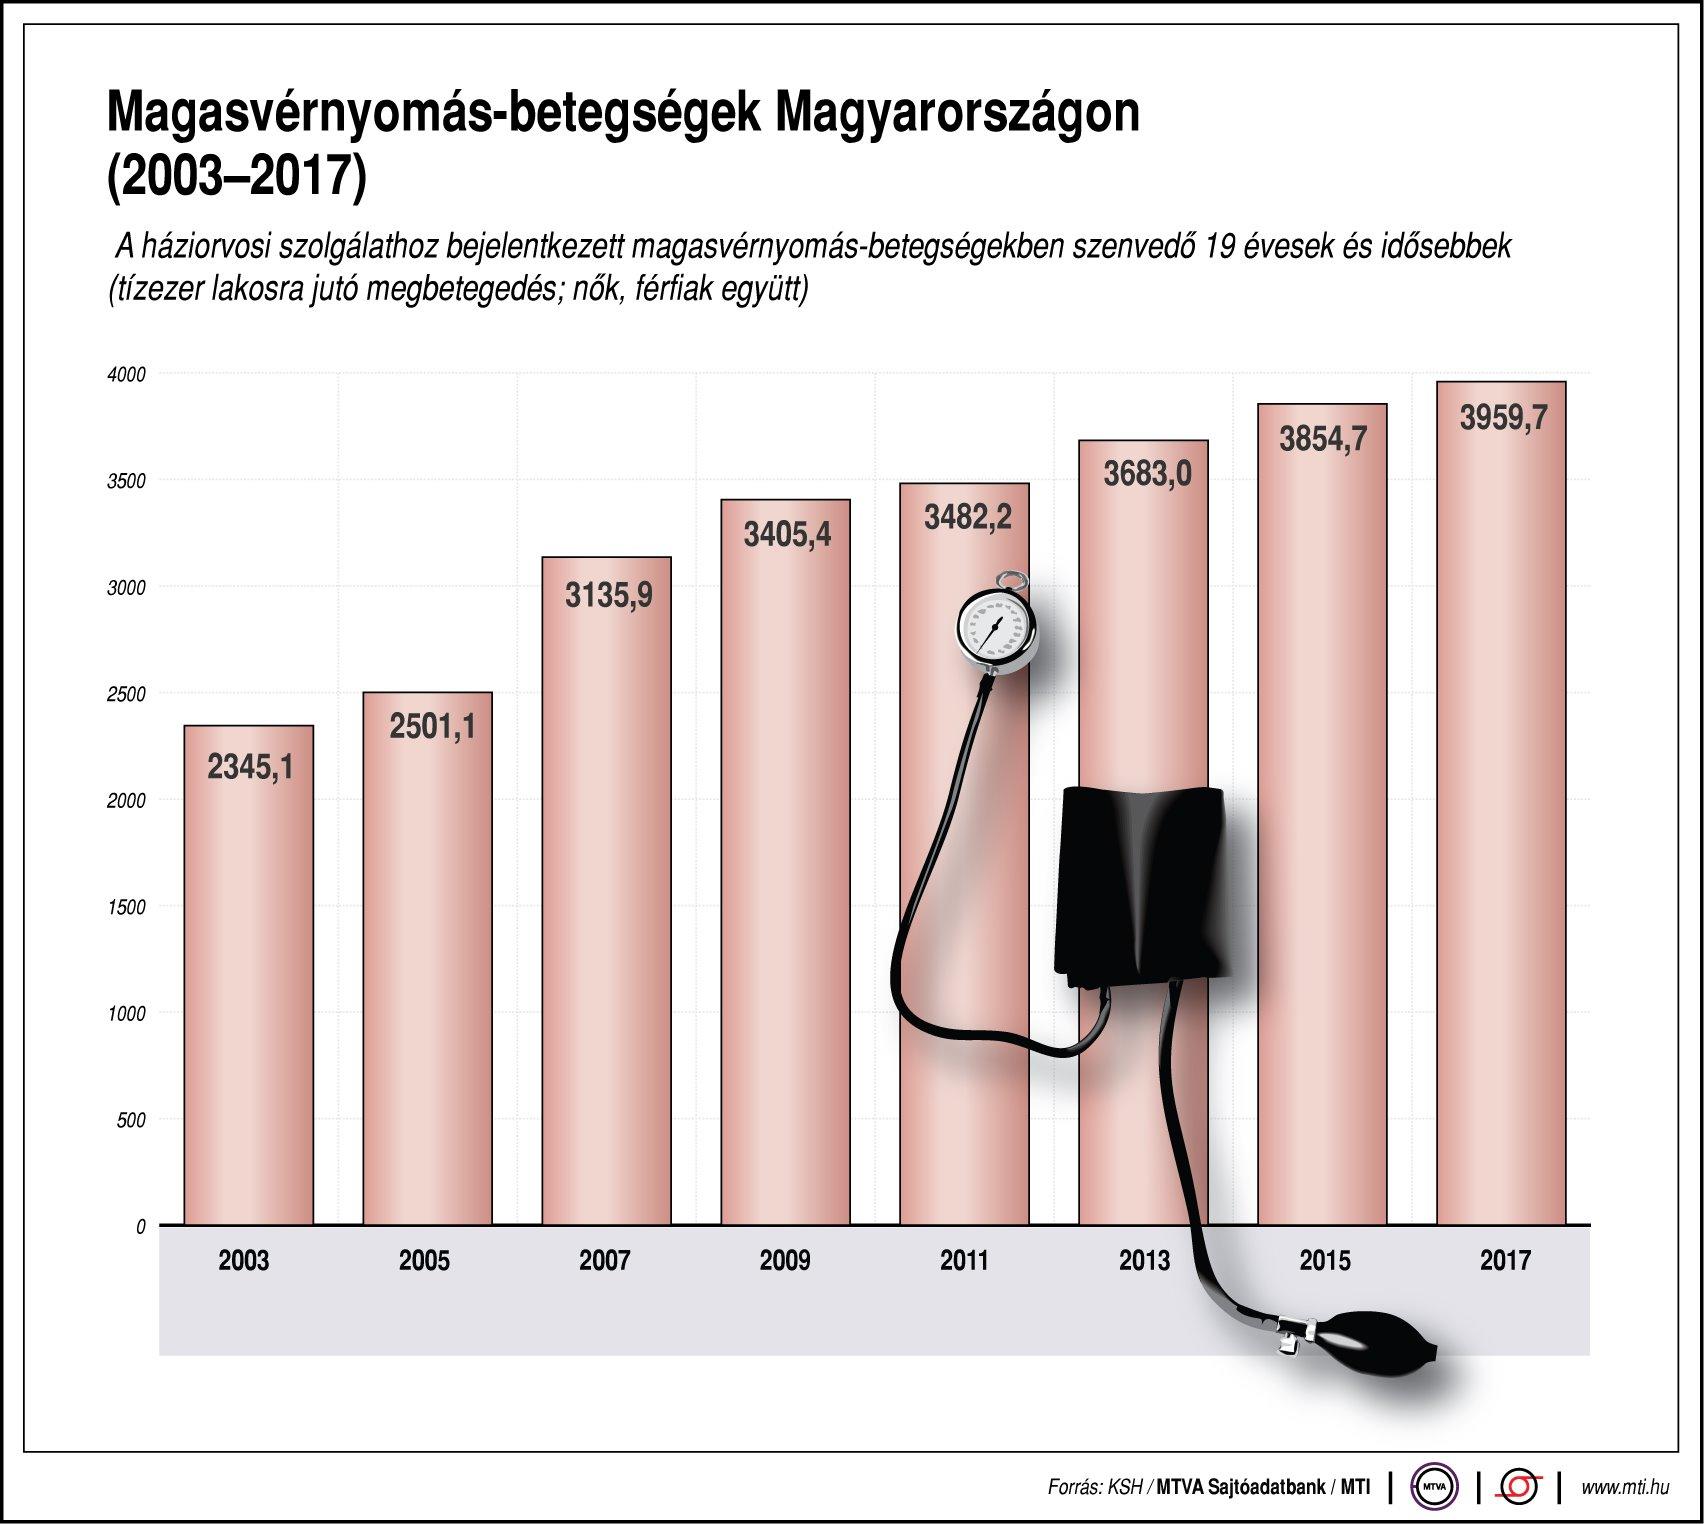 magas vérnyomás kezelésére szolgáló cukor viccek magas vérnyomás ellen